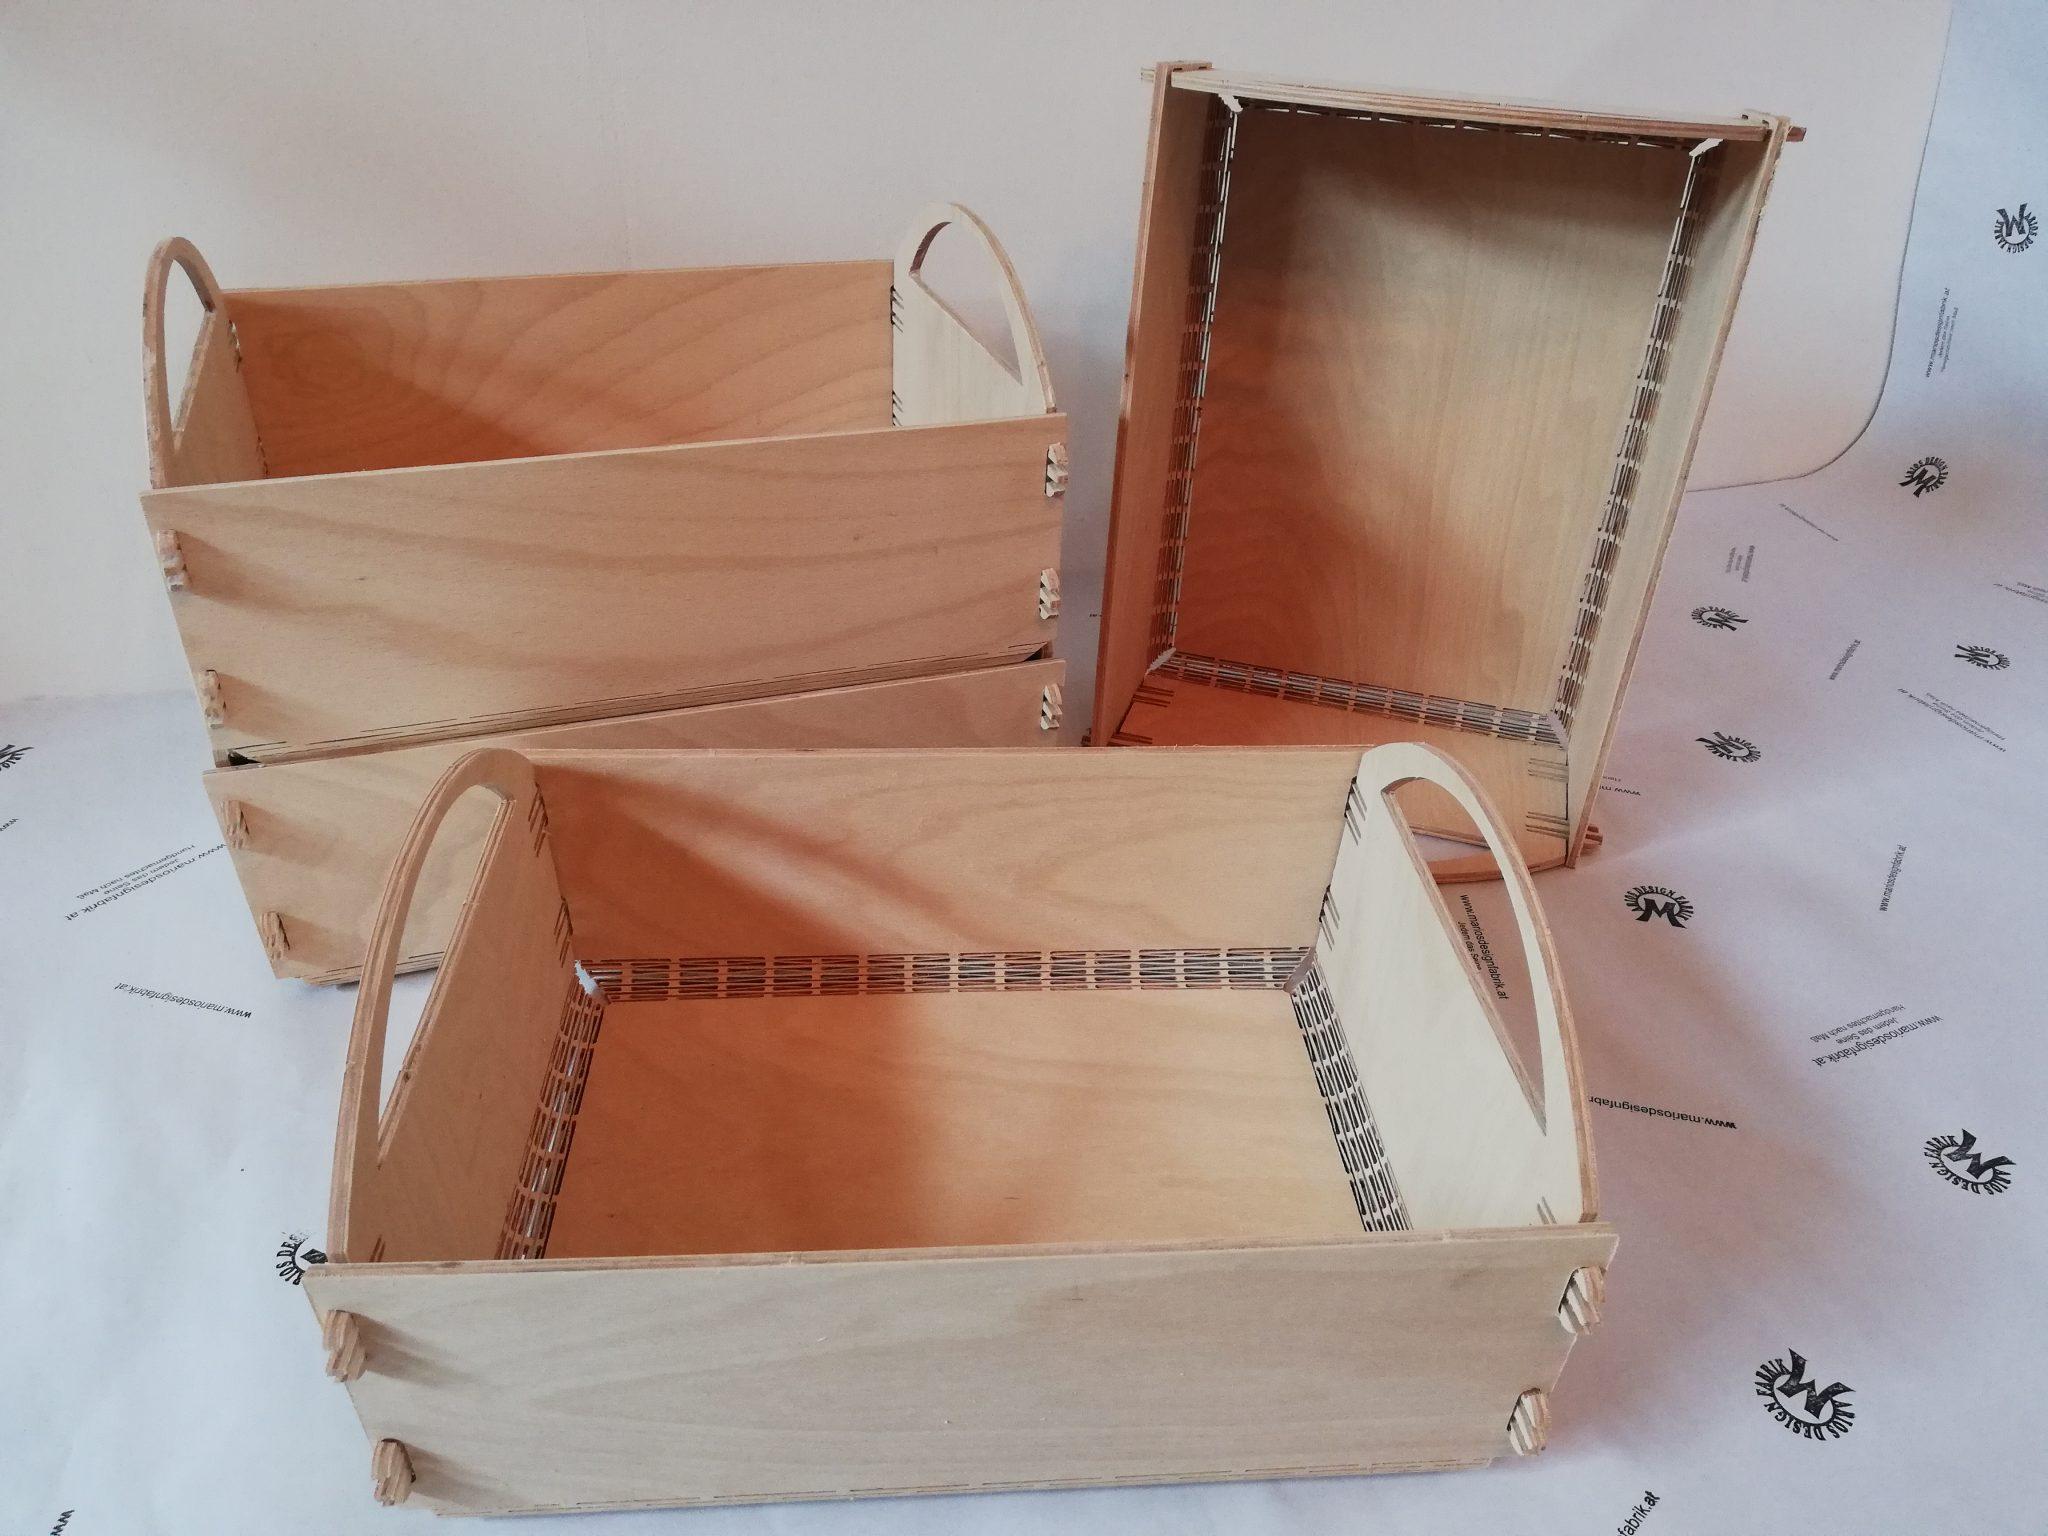 Klappbox Kiste Aufbewahrungsbox klappbar 40x30x15 cm aus Holz Buche